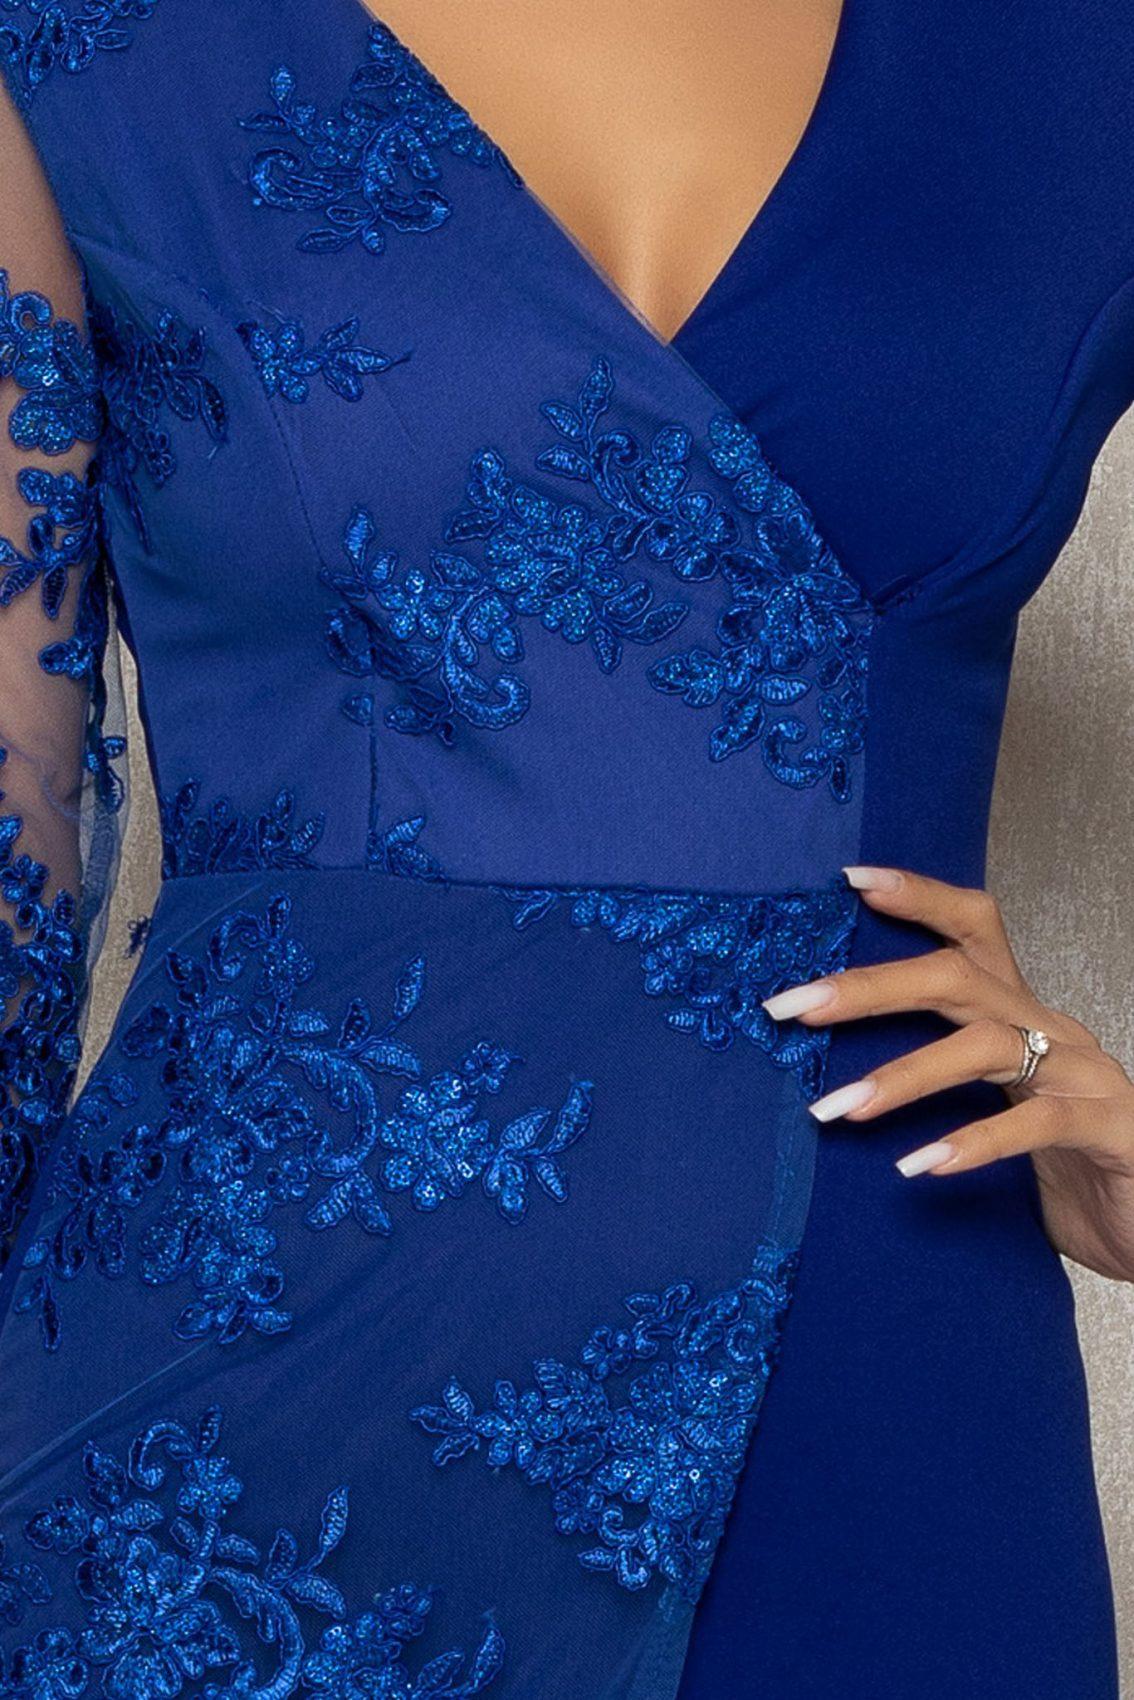 Μπλε Ρουά Αμπιγιέ Κρουαζέ Φόρεμα Με Δαντέλα Verona T381 3